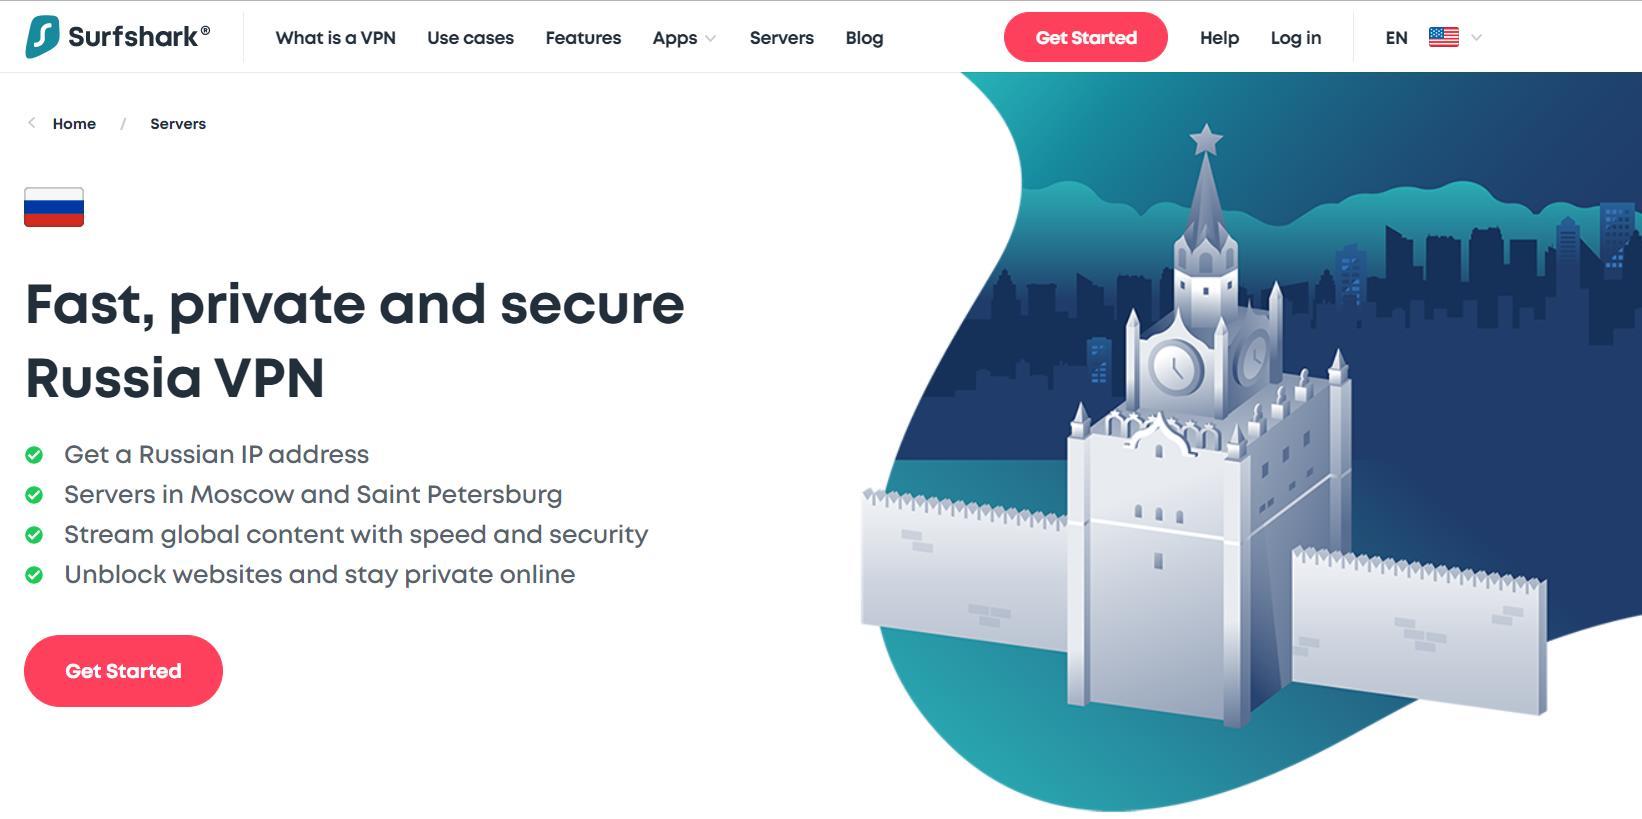 Спрос рождает предложение – специально для пользователей из России делают лучшие VPN